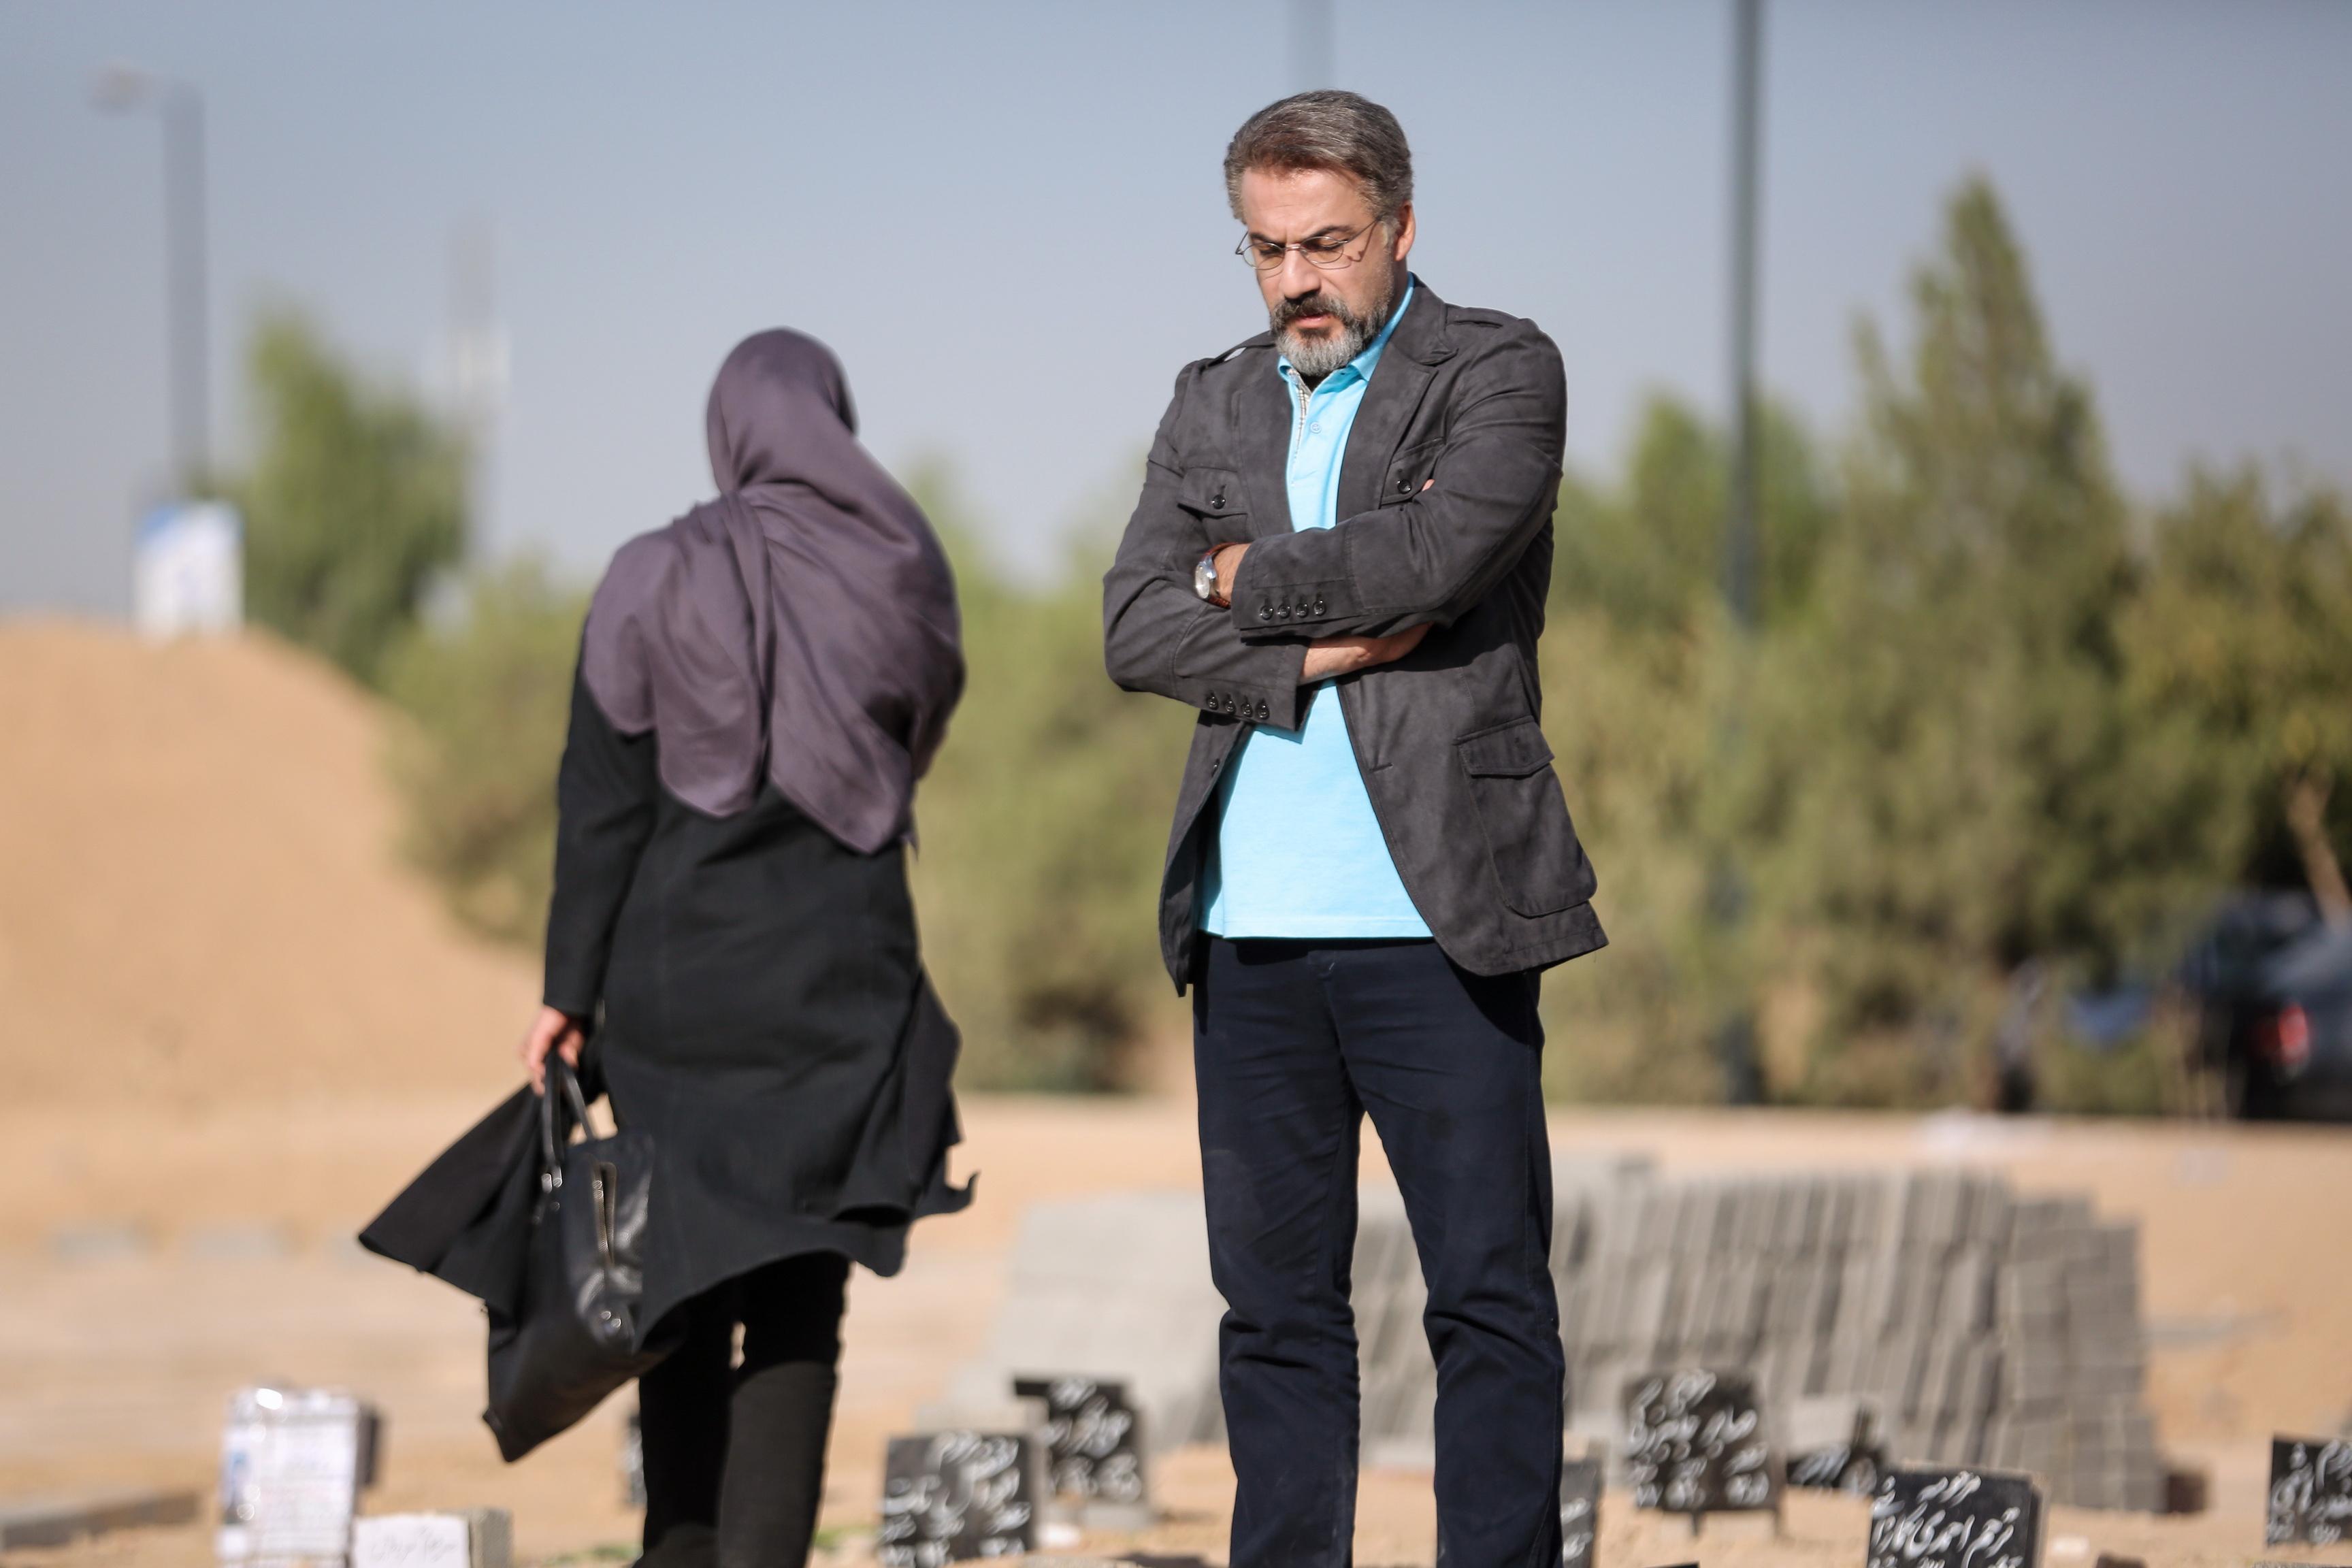 هنرنمایی امیر آقایی در فیلم بدون تاریخ بدون امضاء